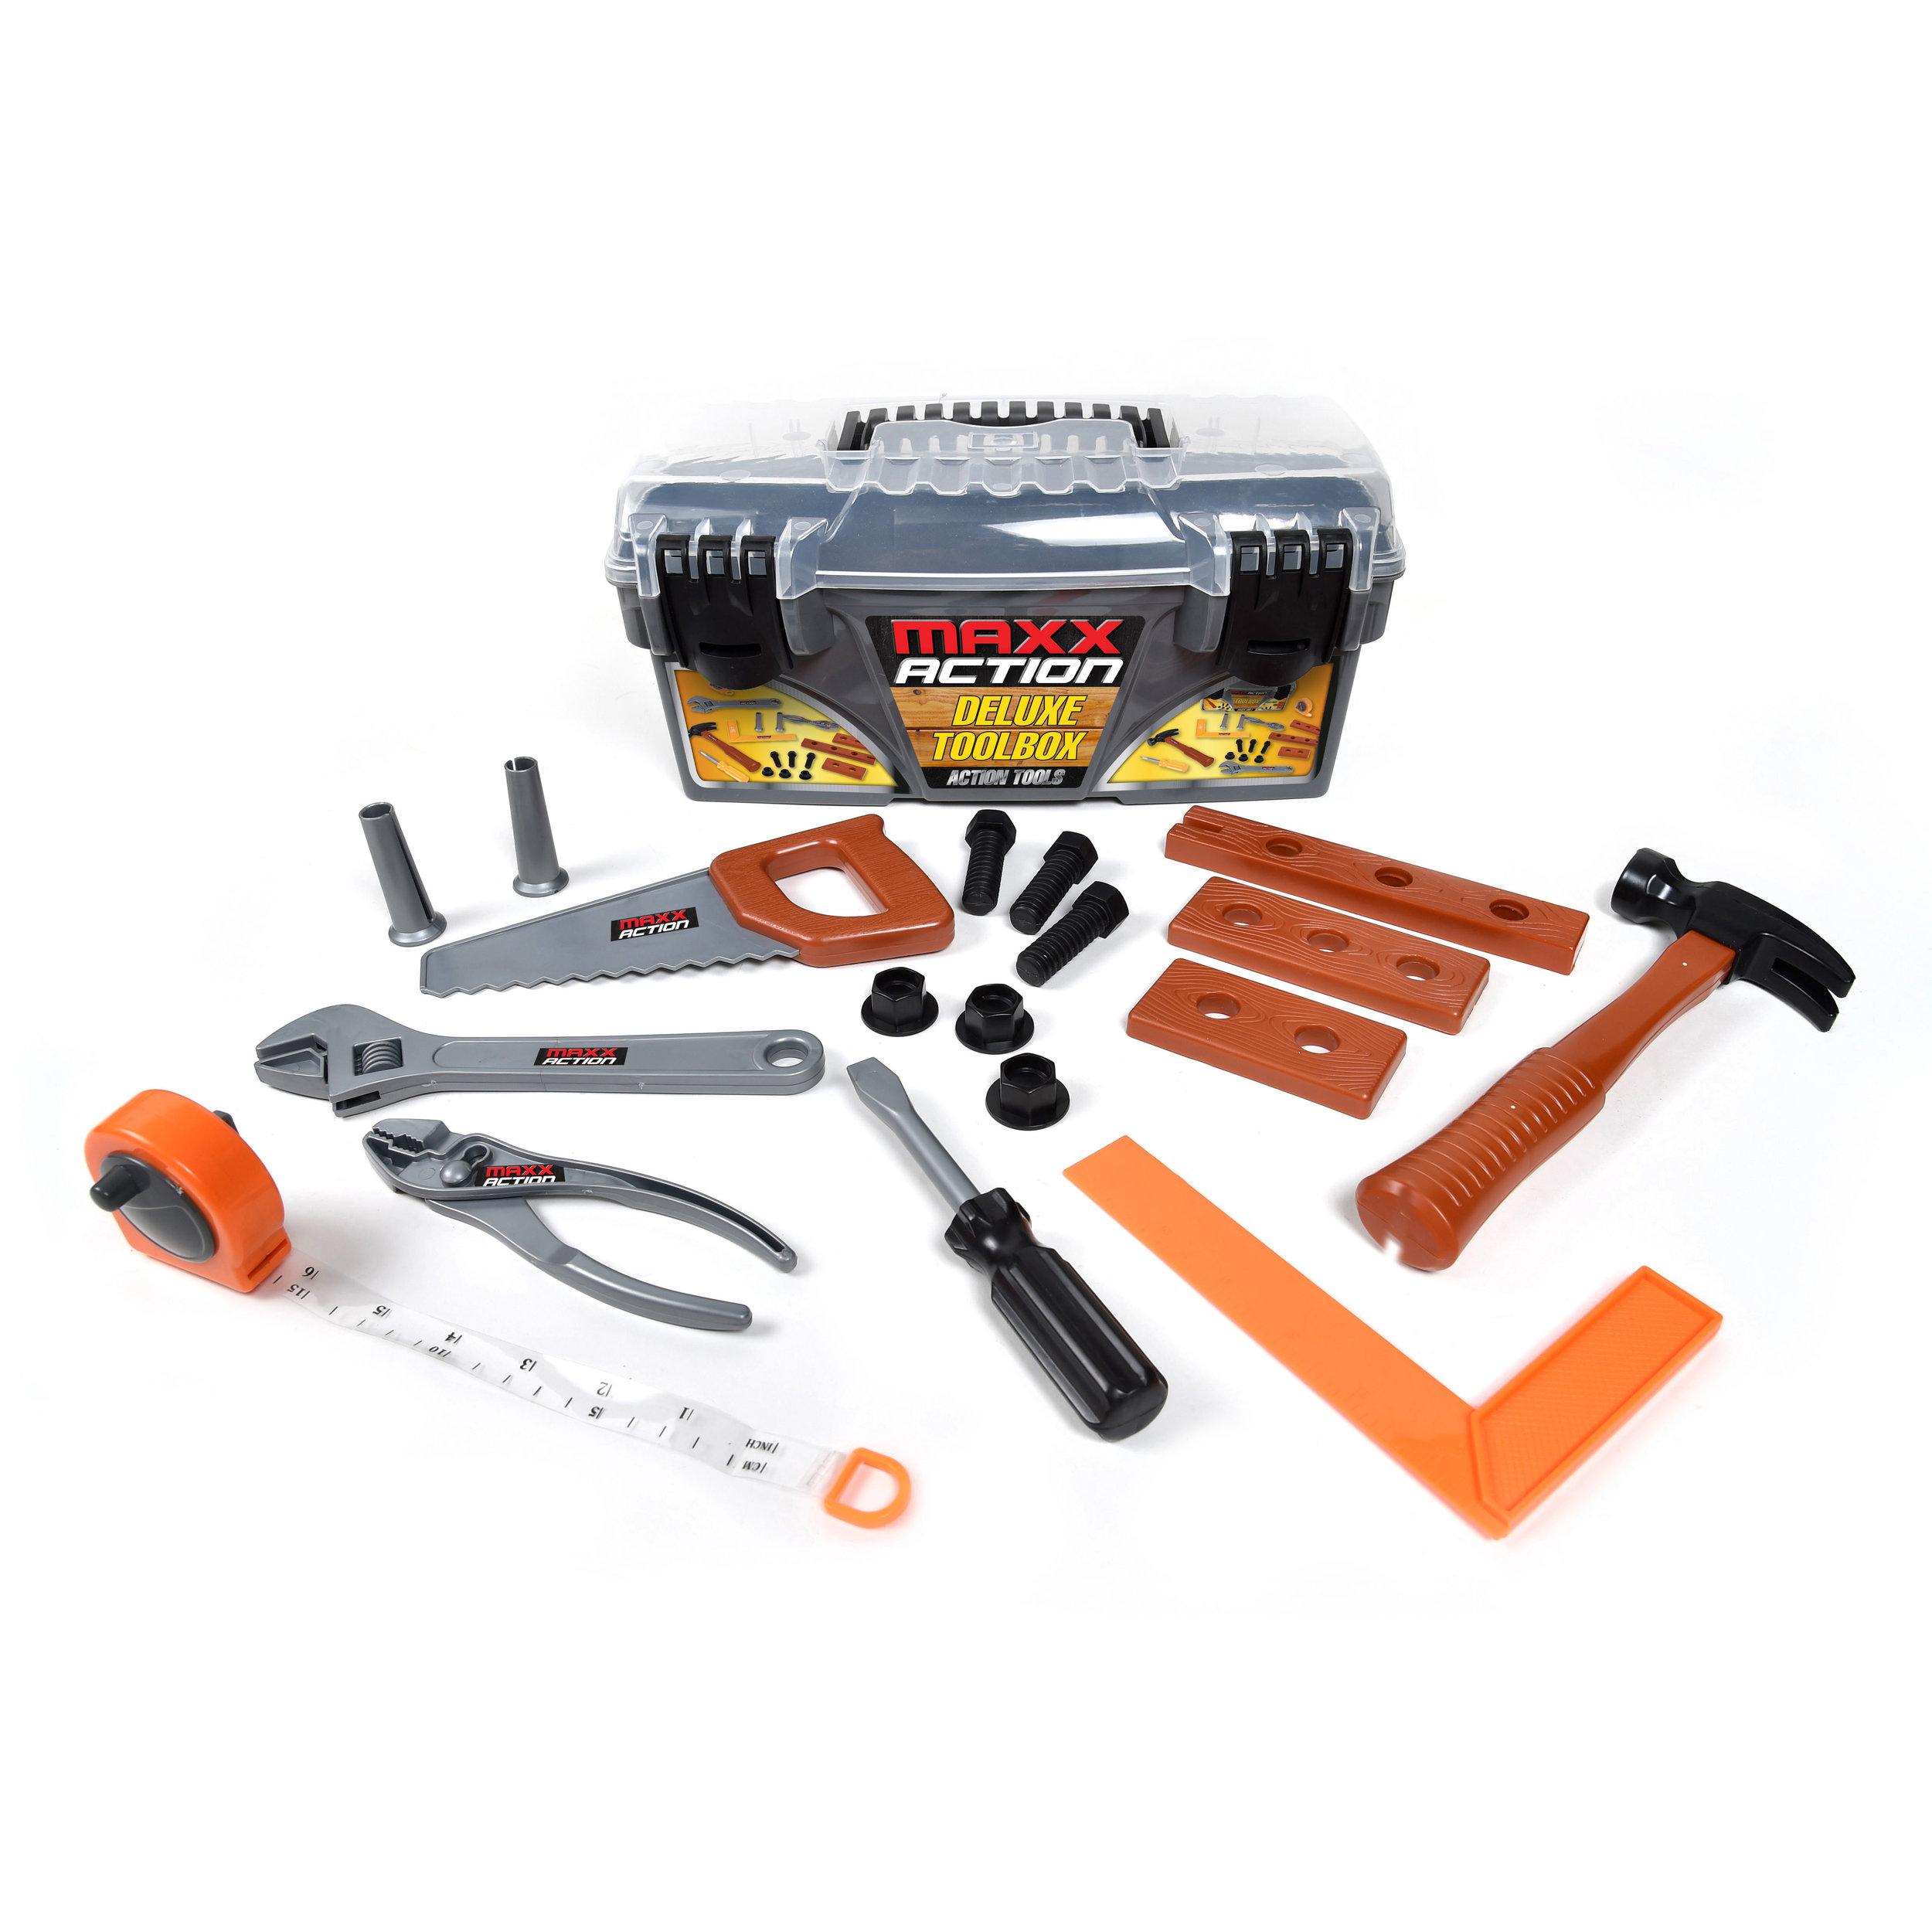 19 Piece Deluxe Tool Box